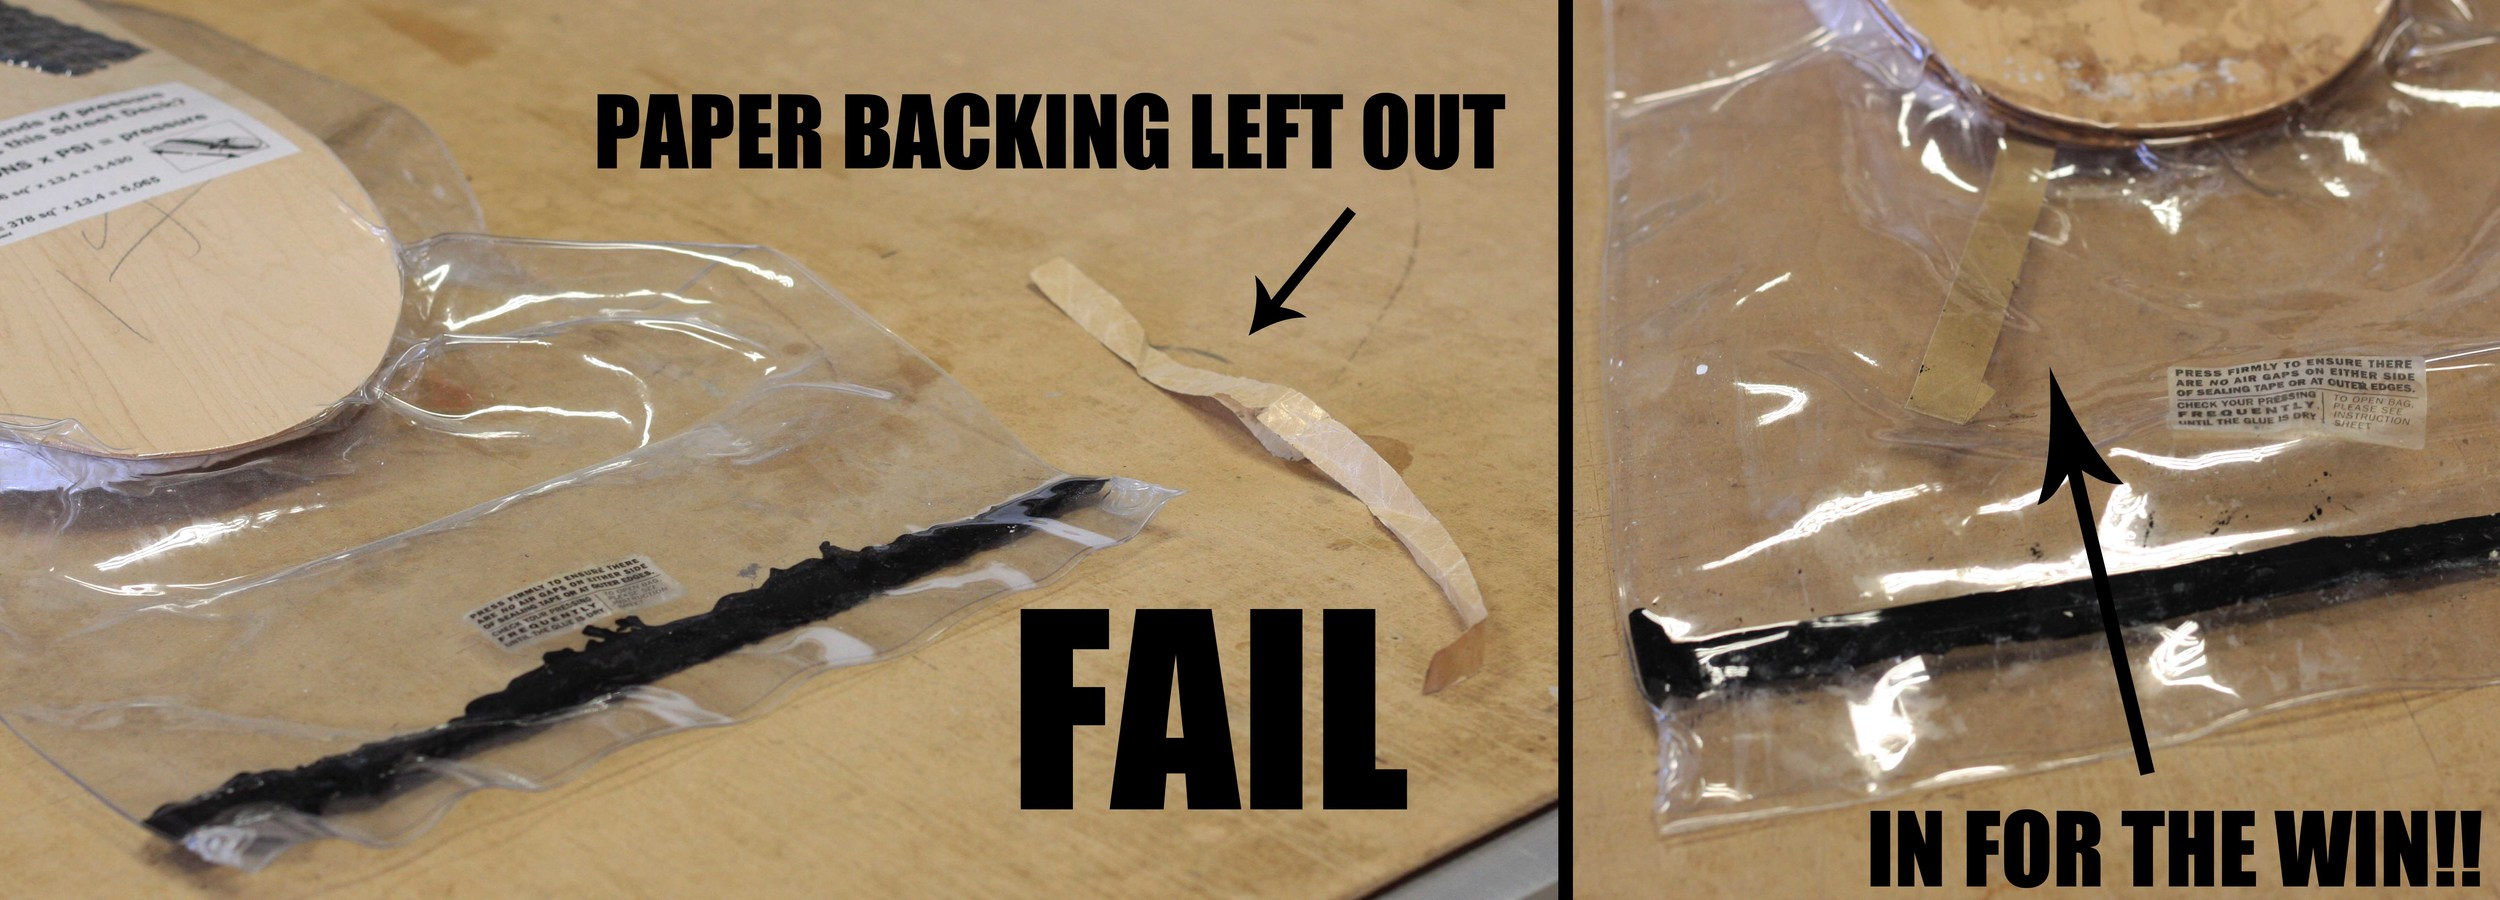 PaperBacking.jpg